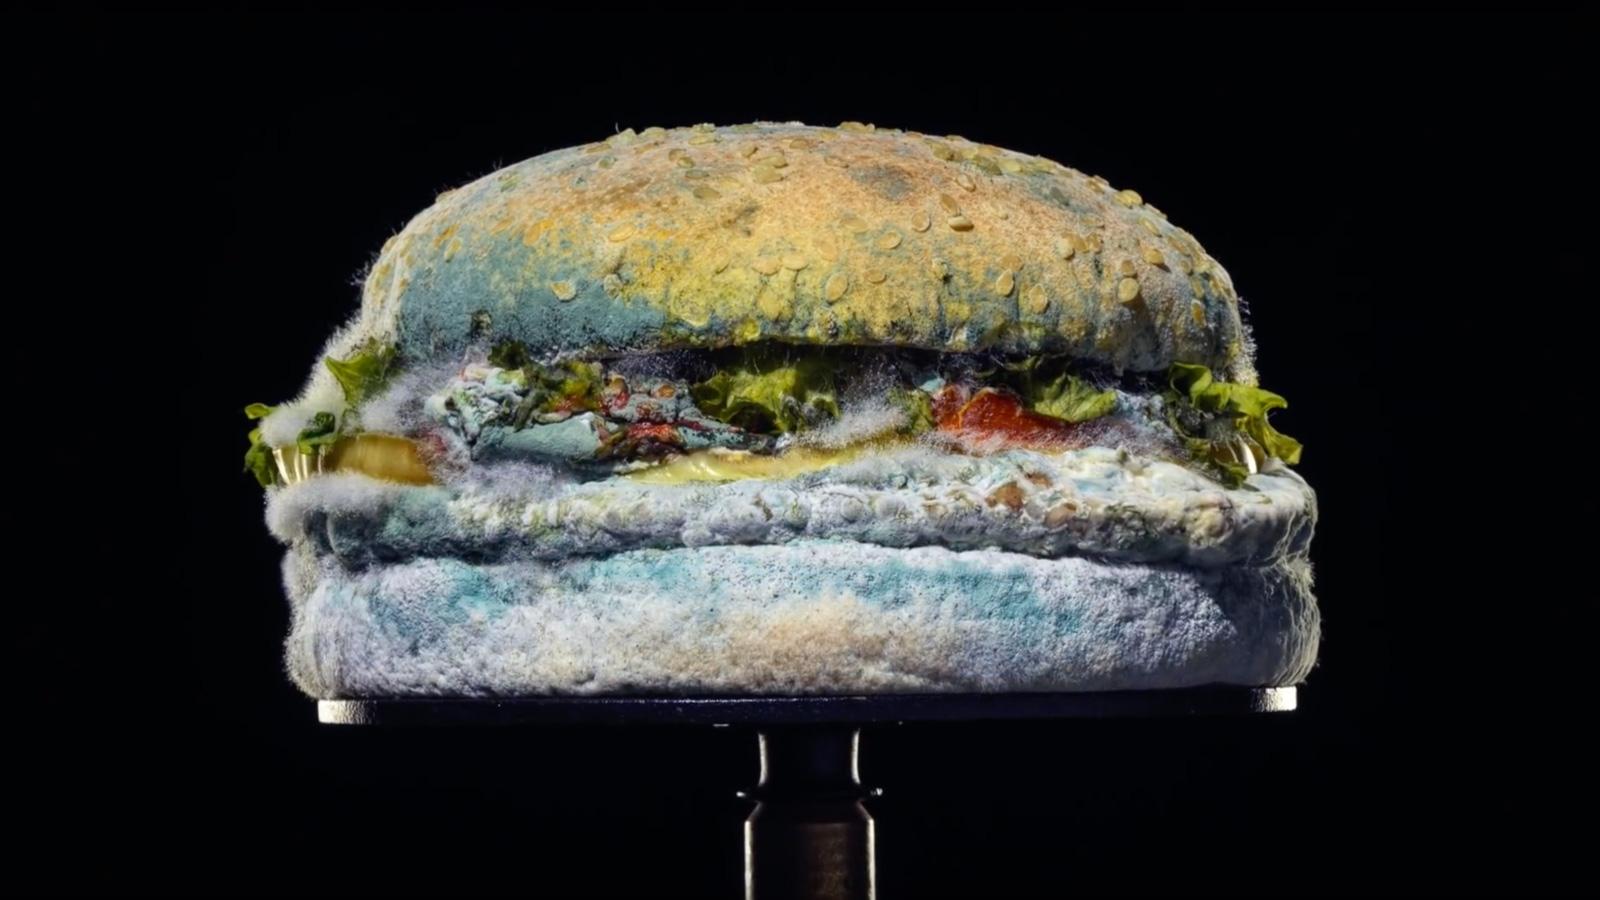 Burger King pokazuje pleśń w swojej nowej kampanii Burger King mediarun burger king kanapka plesn 2020